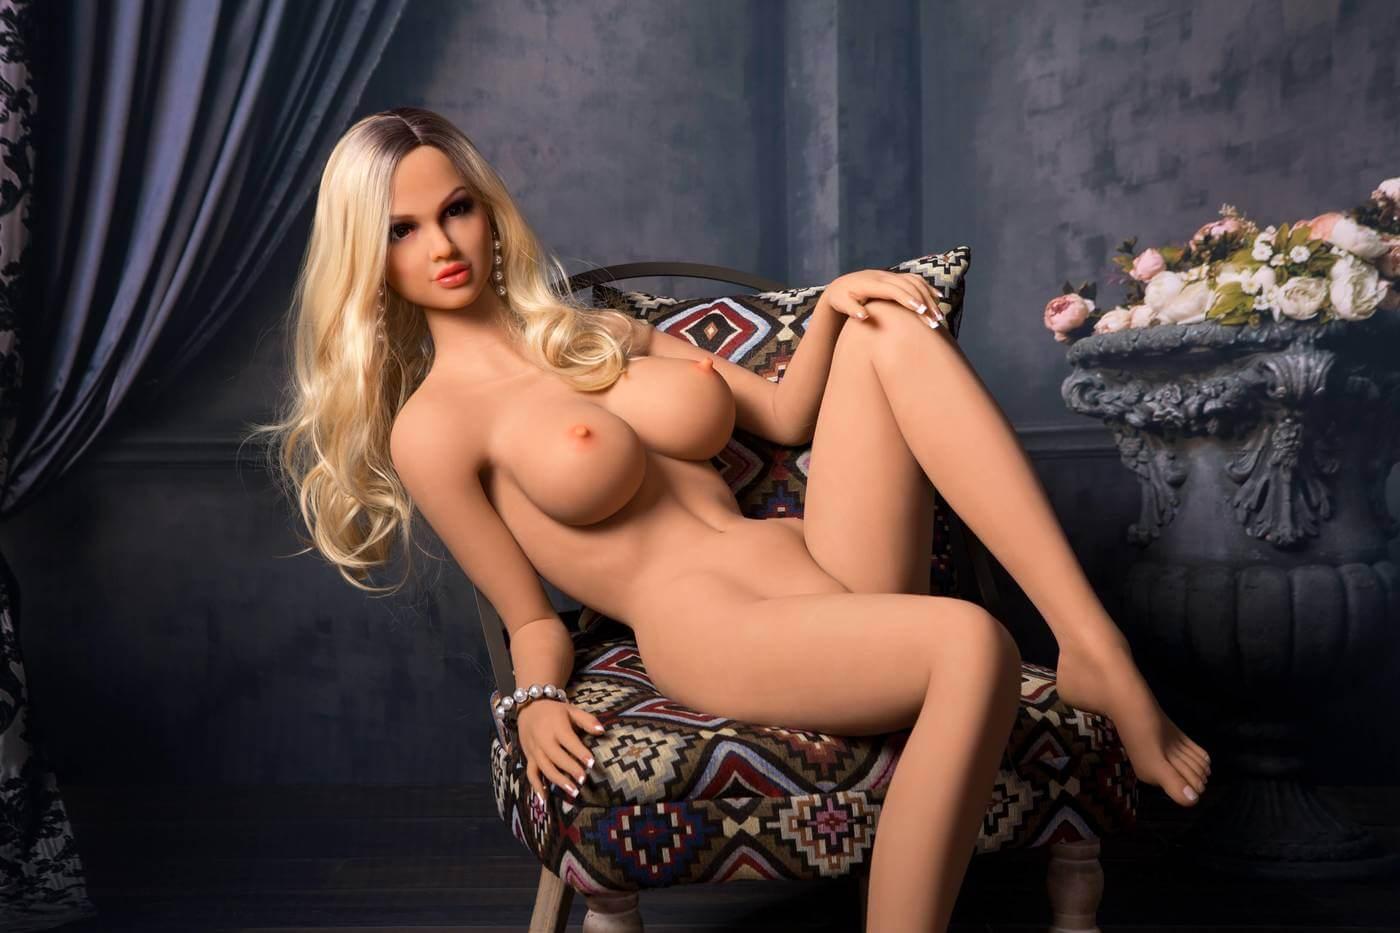 blonde sex dolls 1115